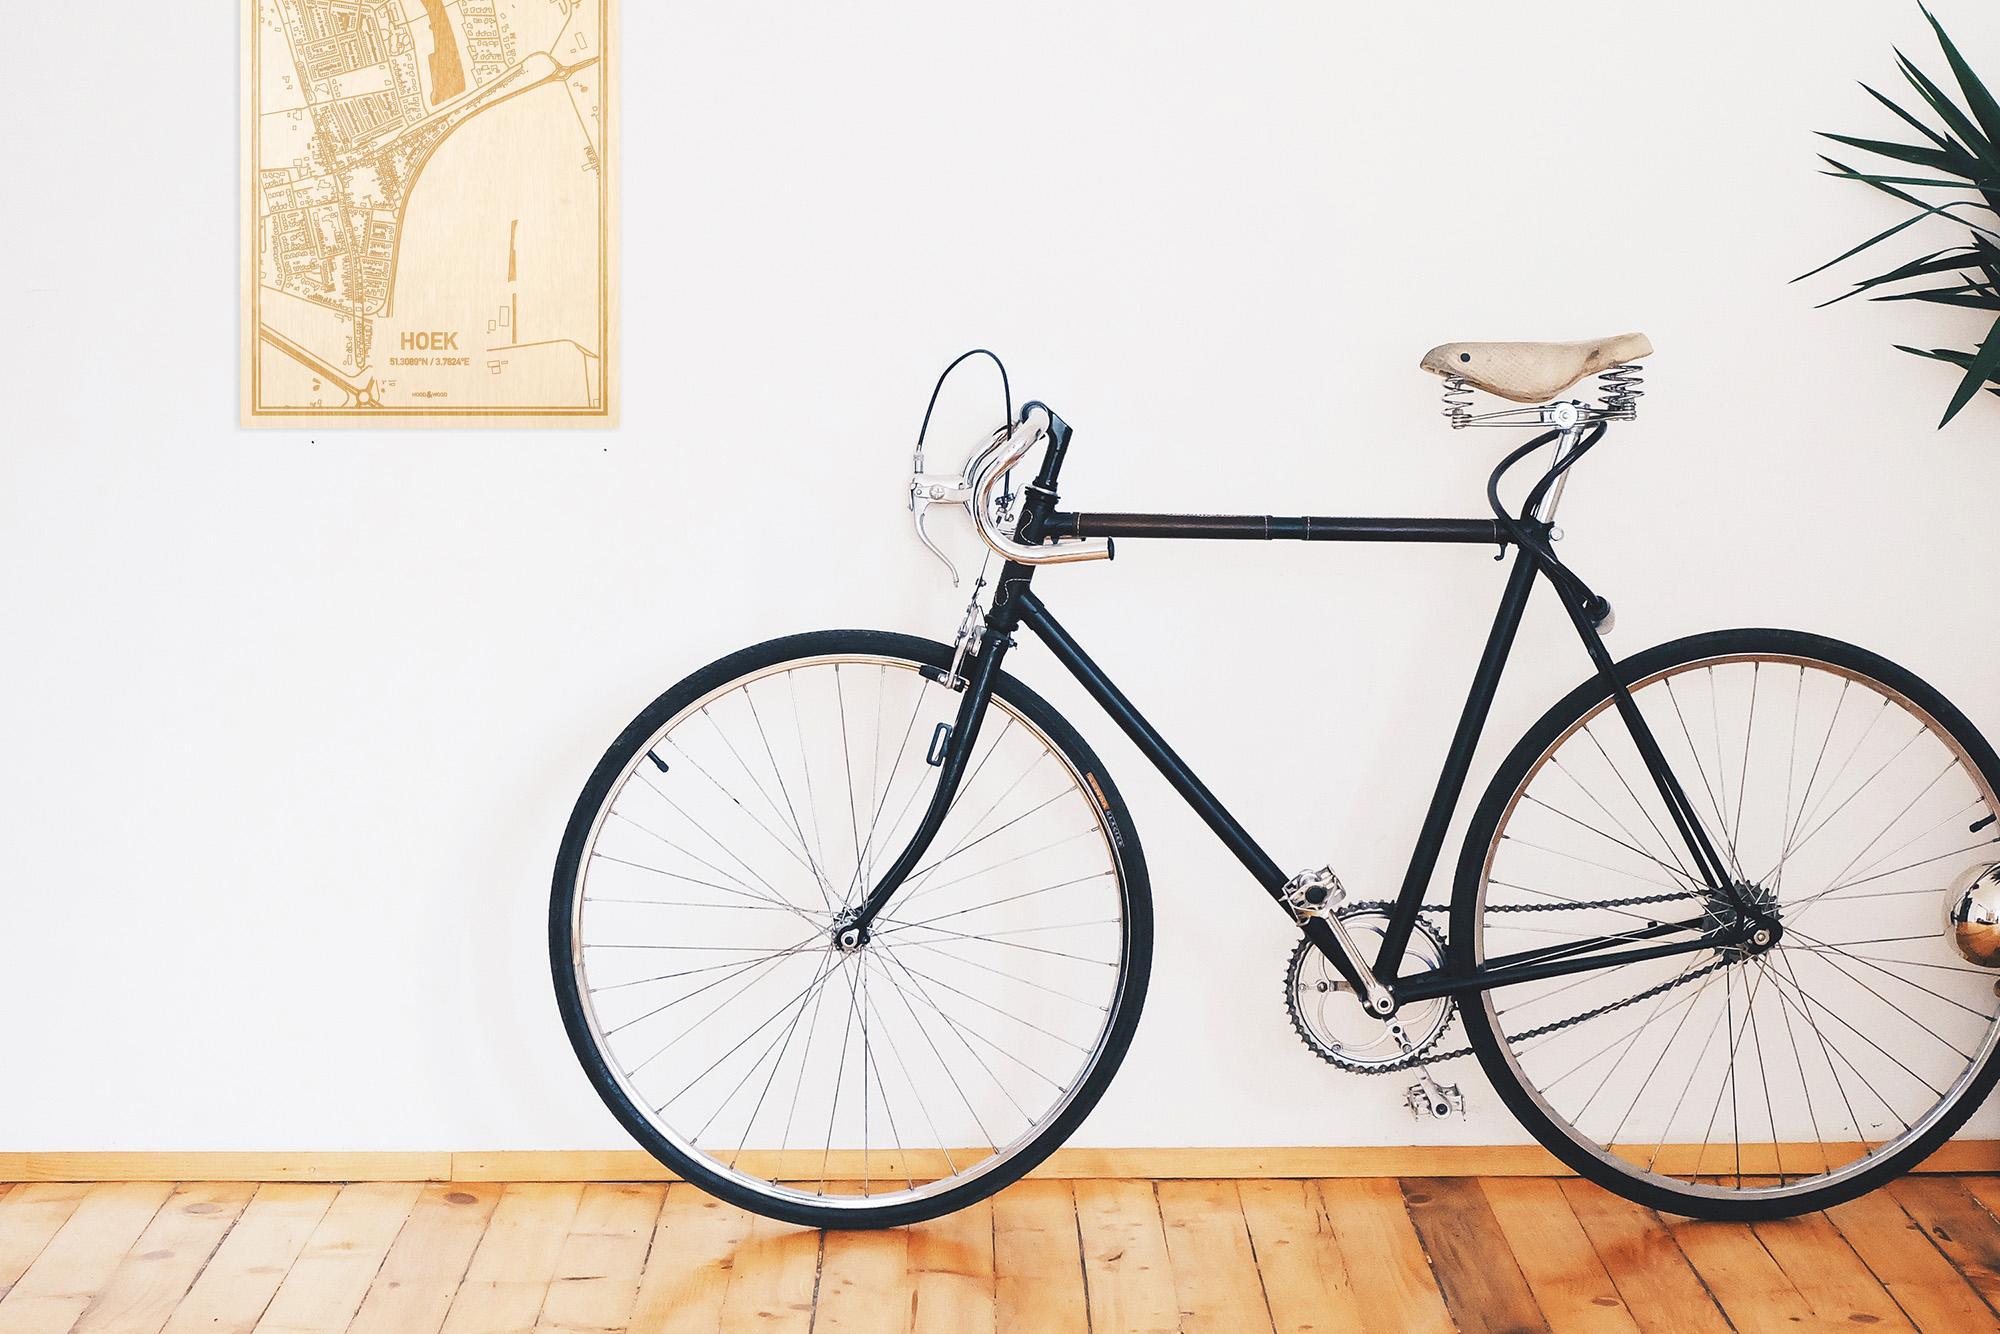 Een snelle fiets in een uniek interieur in Zeeland met mooie decoratie zoals de plattegrond Hoek.